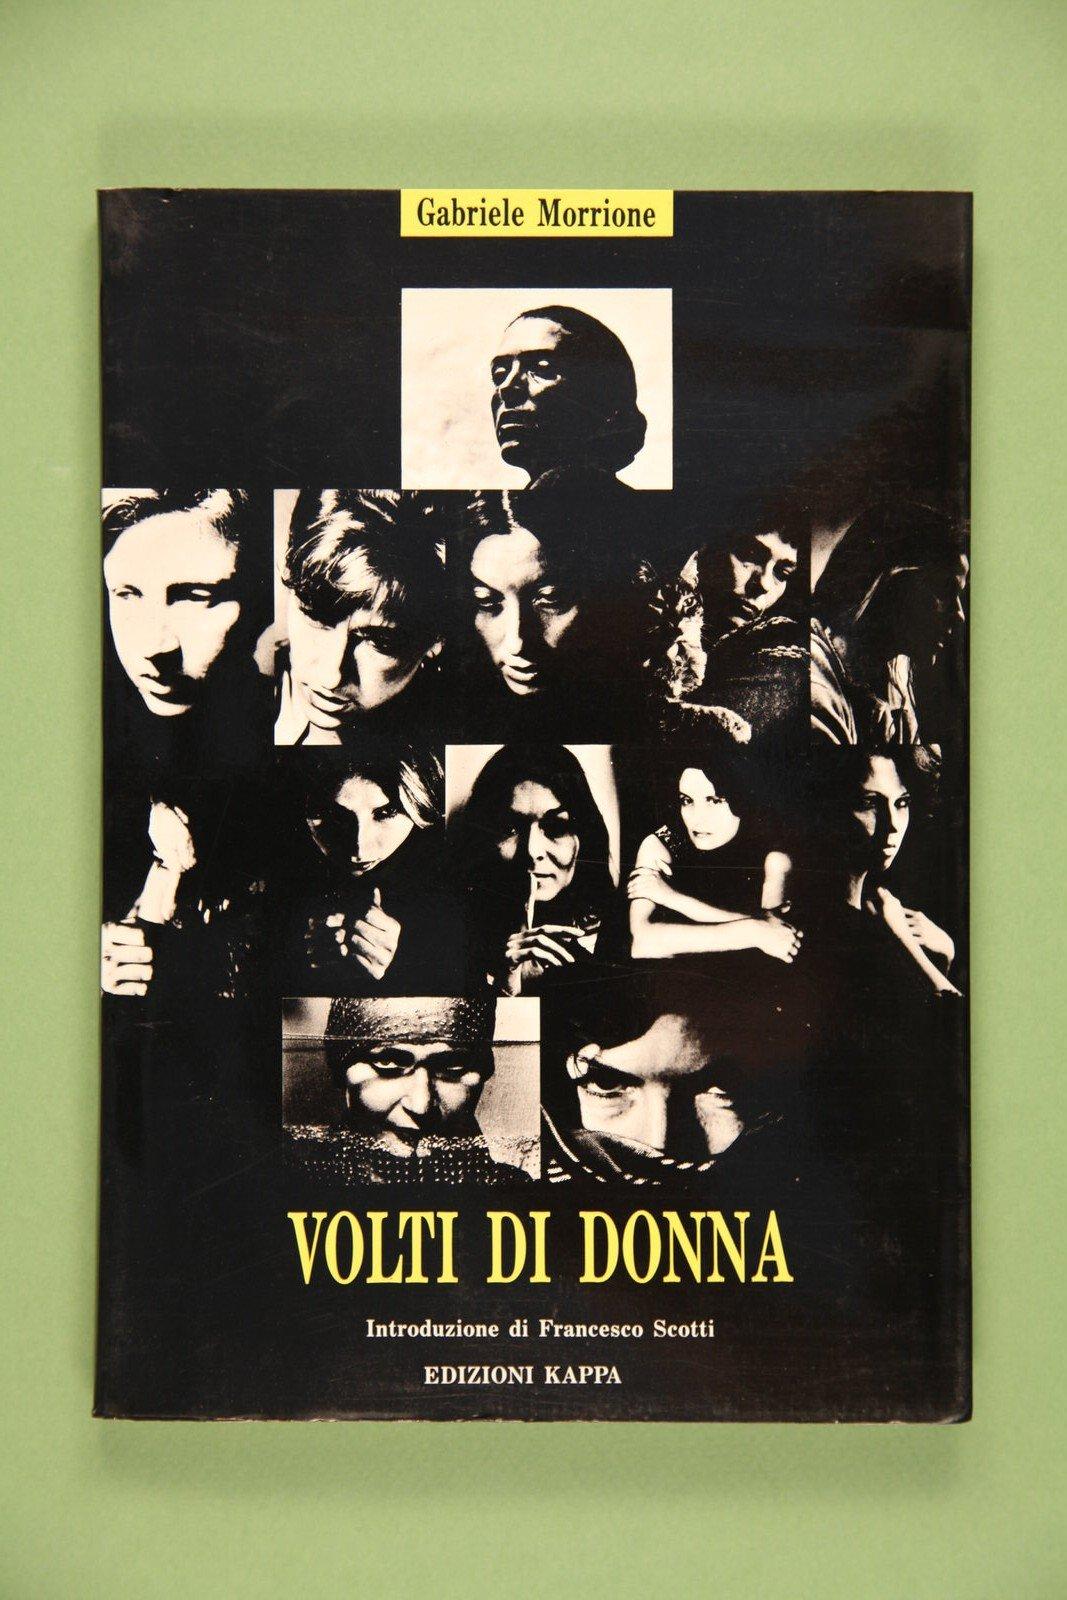 """Copertina del libro """"Volti di donna"""" di Gabriele Morrione"""